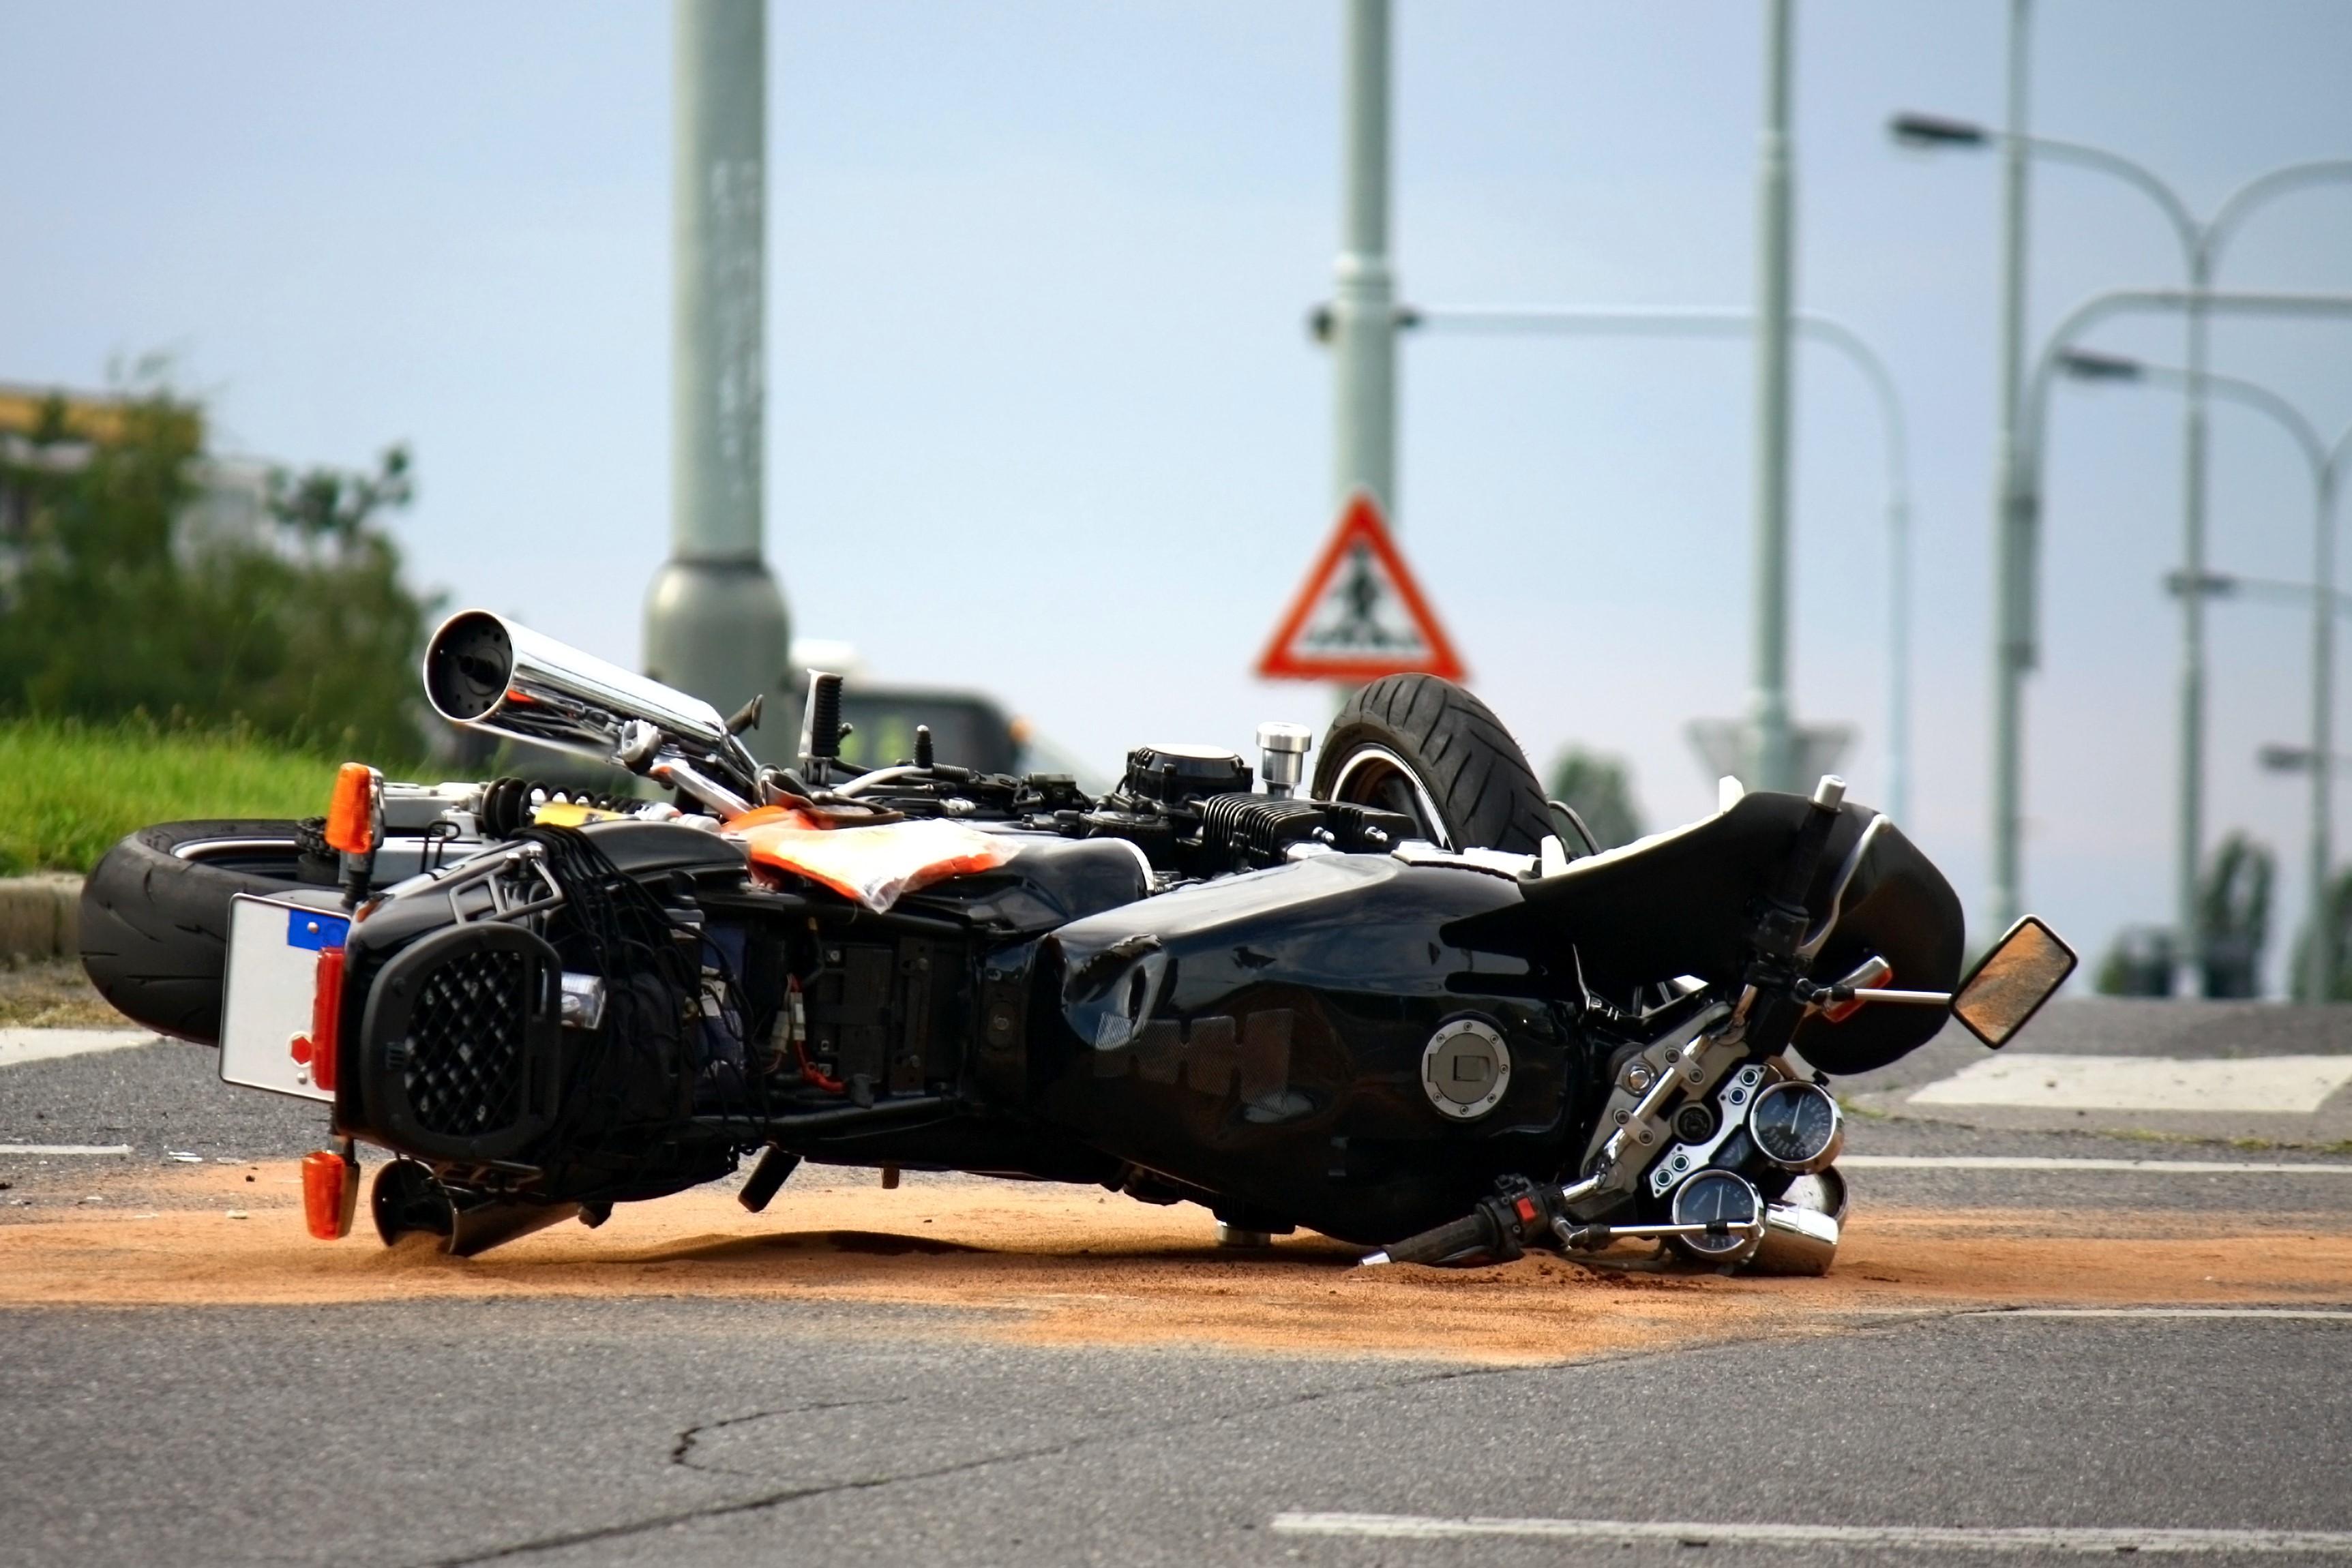 Bardzo poważny wypadek niedaleko Płocka. 17-latek w ciężkim stanie  - Zdjęcie główne